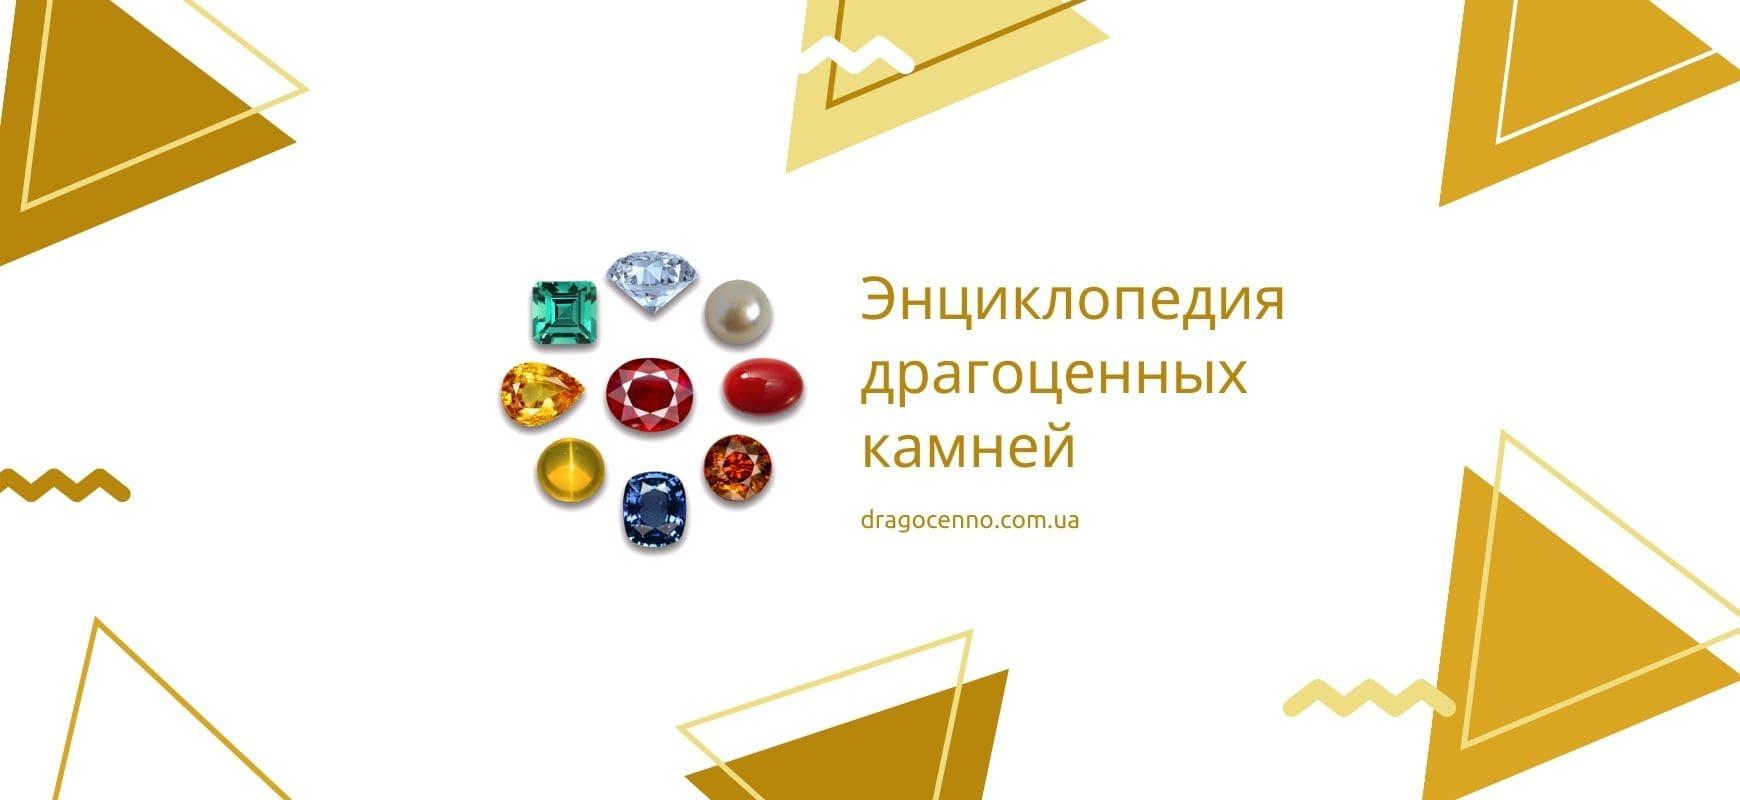 Энциклопедия драгоценных камней